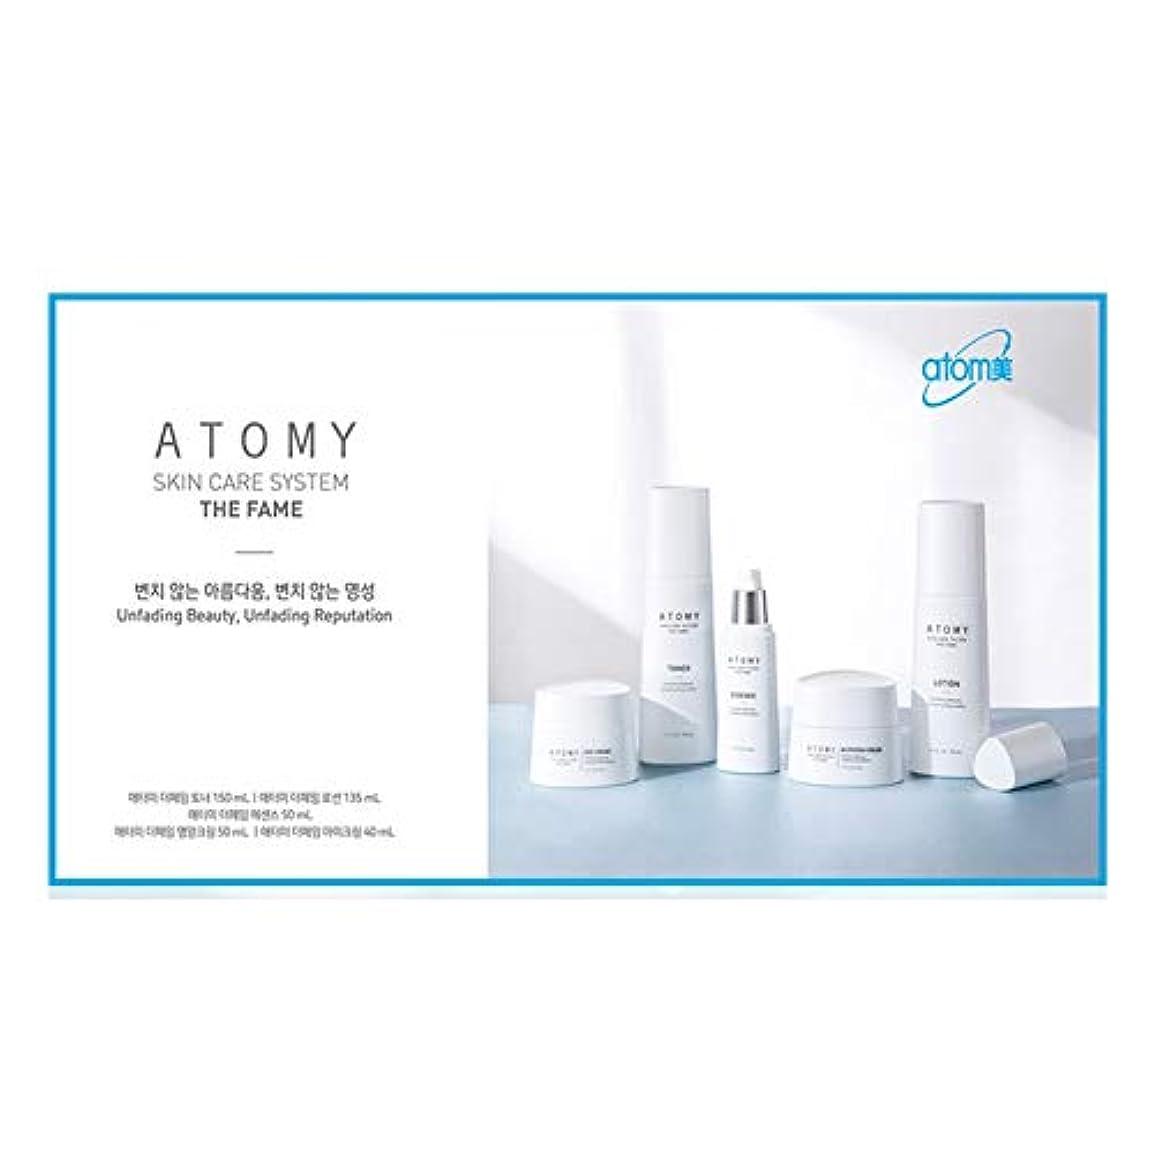 刺しますワックスちなみにアトミザ?フェームエッセンス50ml韓国コスメ、Atomy The Fame Essence 50ml Korean Cosmetics [並行輸入品]